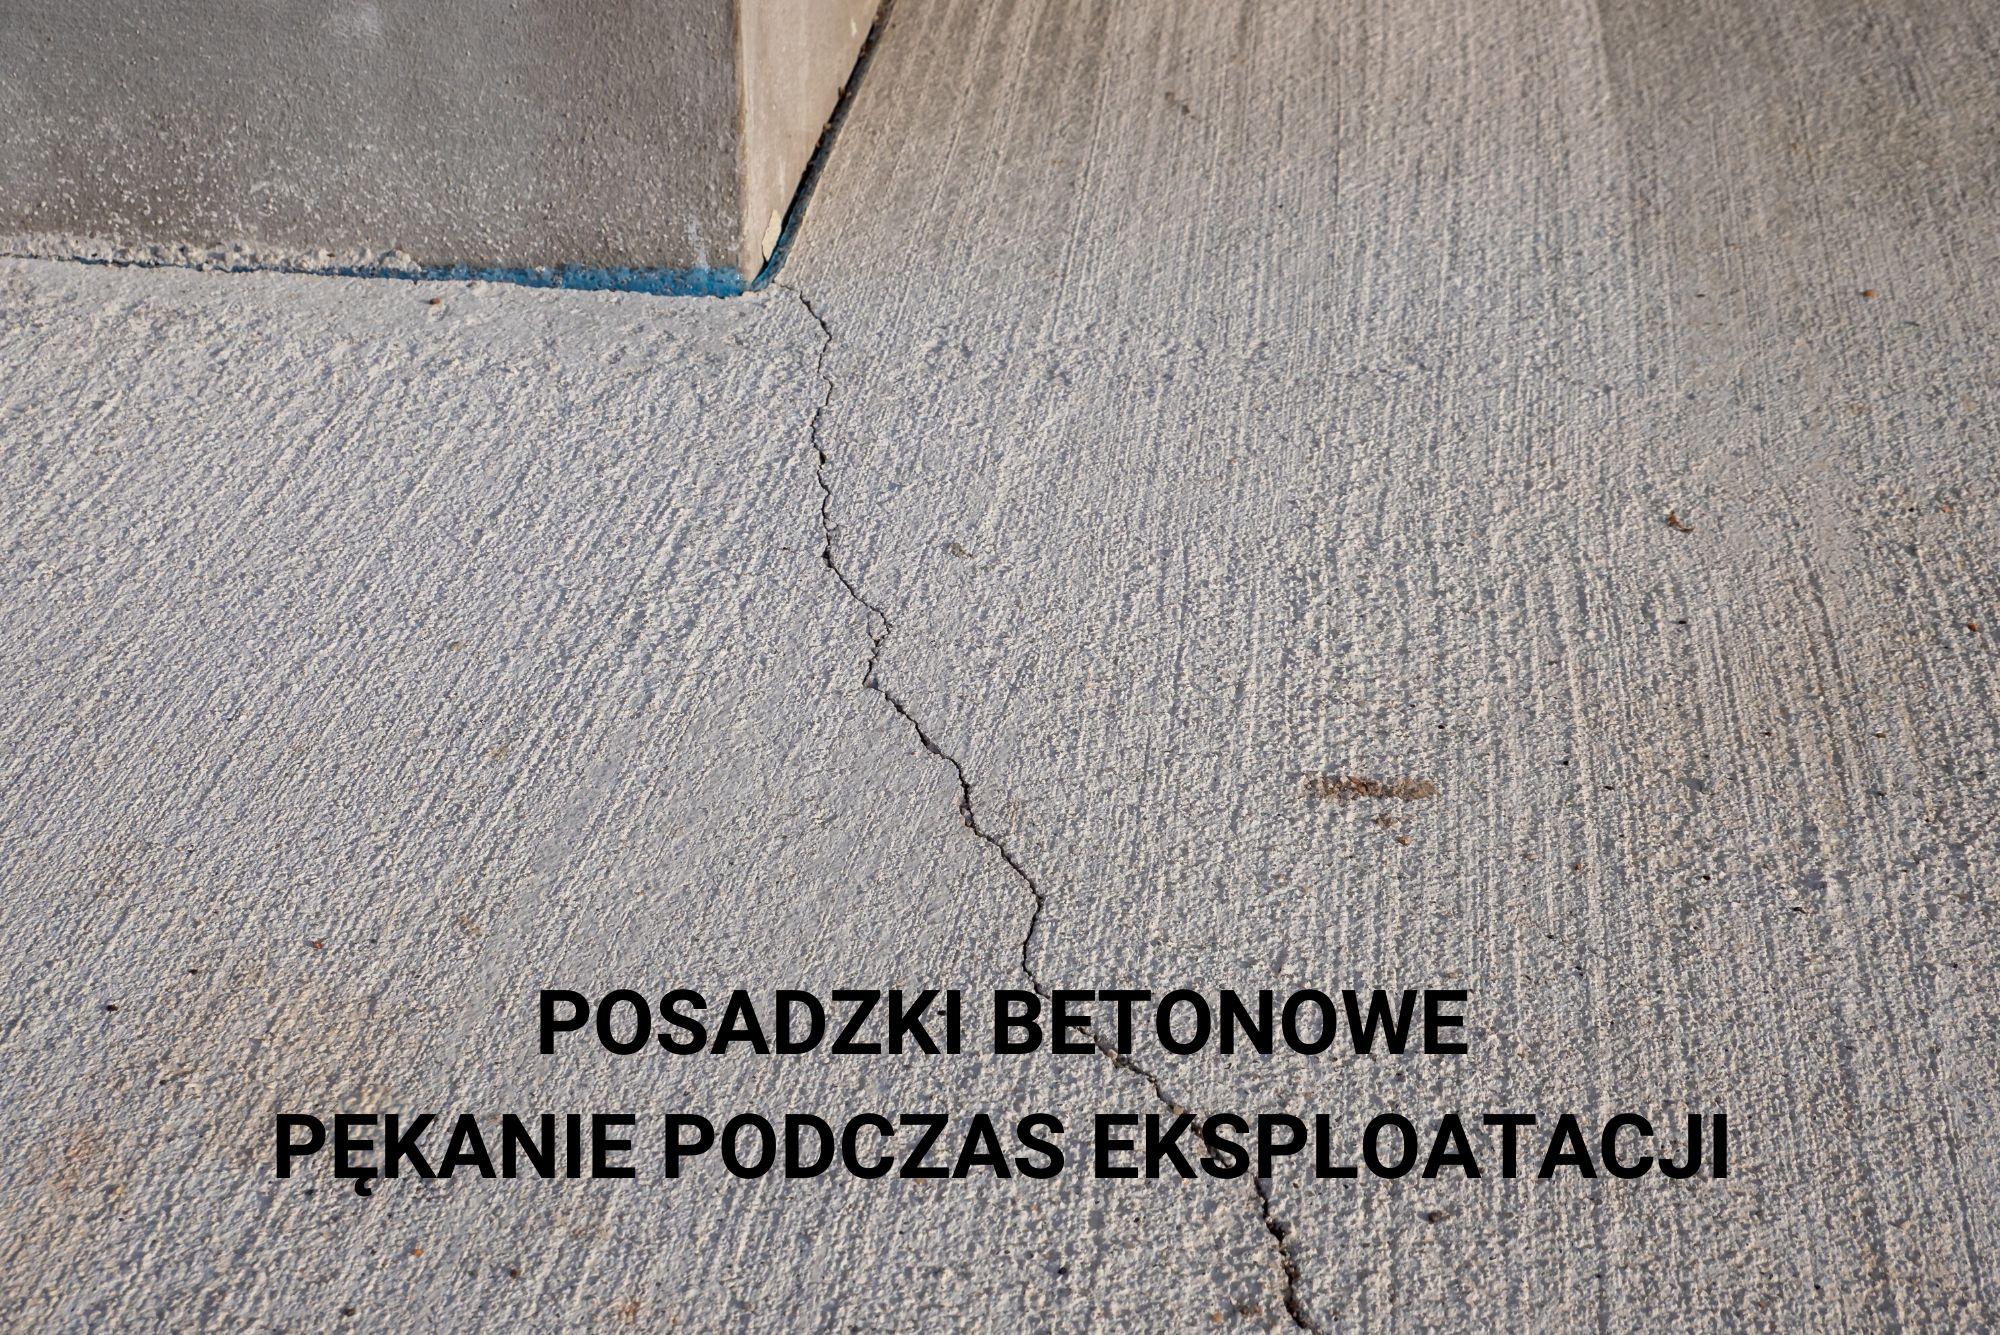 Posadzki betonowe przyczyny pękania